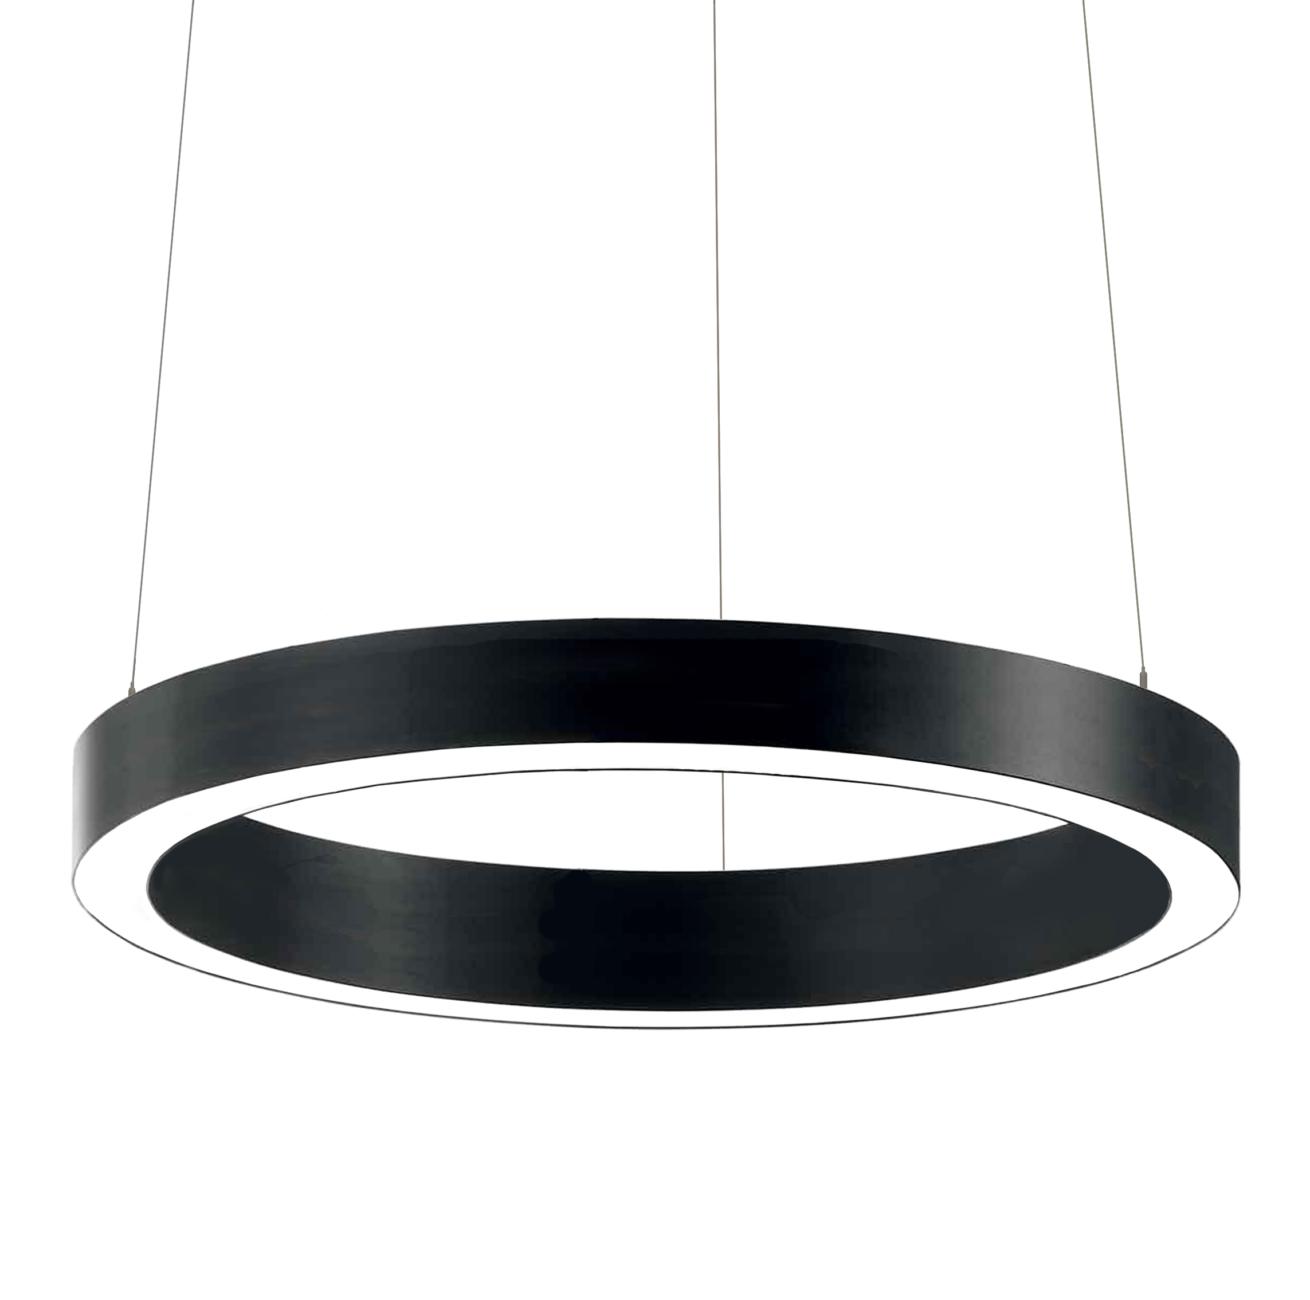 Светильник Ring 5060-1200мм. 4000К/3000К. 57W/121W купить во Владивостоке